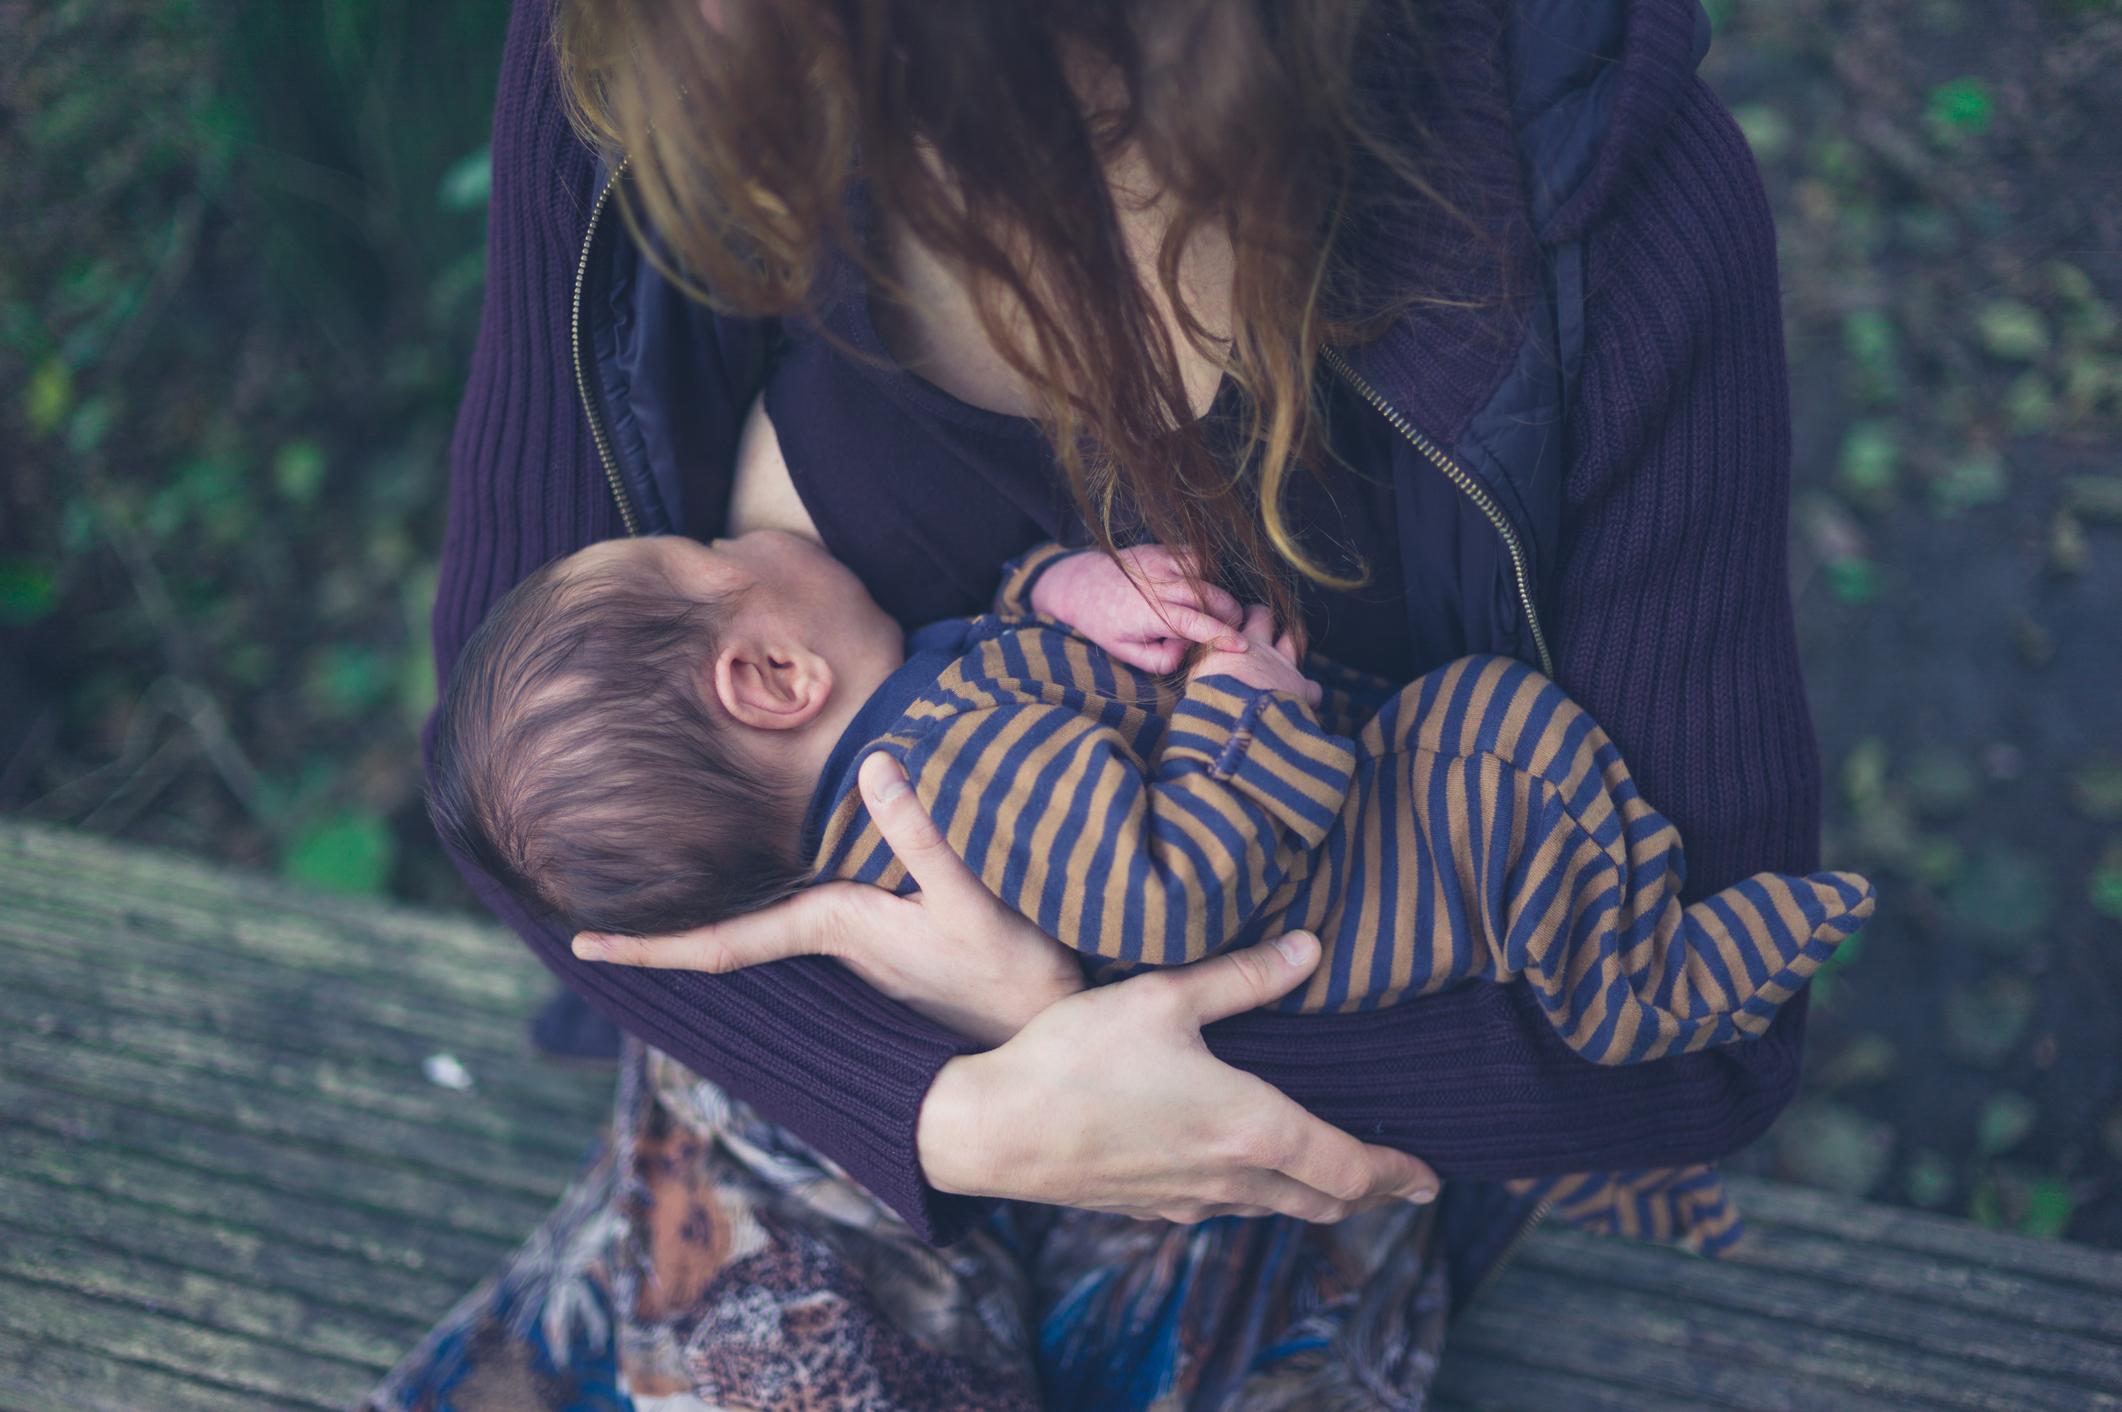 A amamentação é fundamental para o bebê, pois além do alto valor nutricional o ato de amamentar estimula o desenvolvimento emocional dos pequenos.